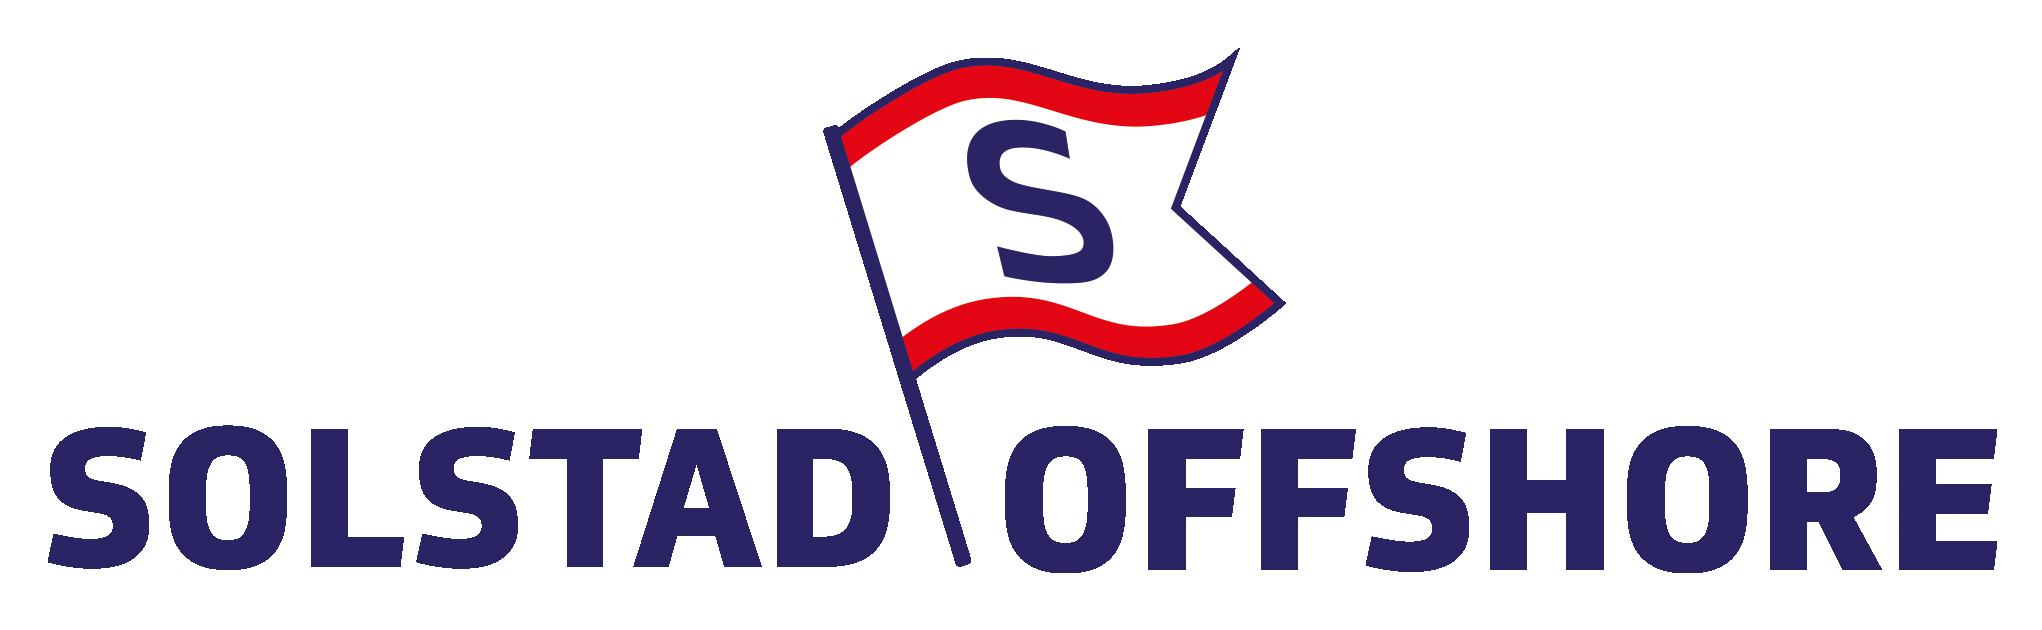 Solstad offshore-positiv.png